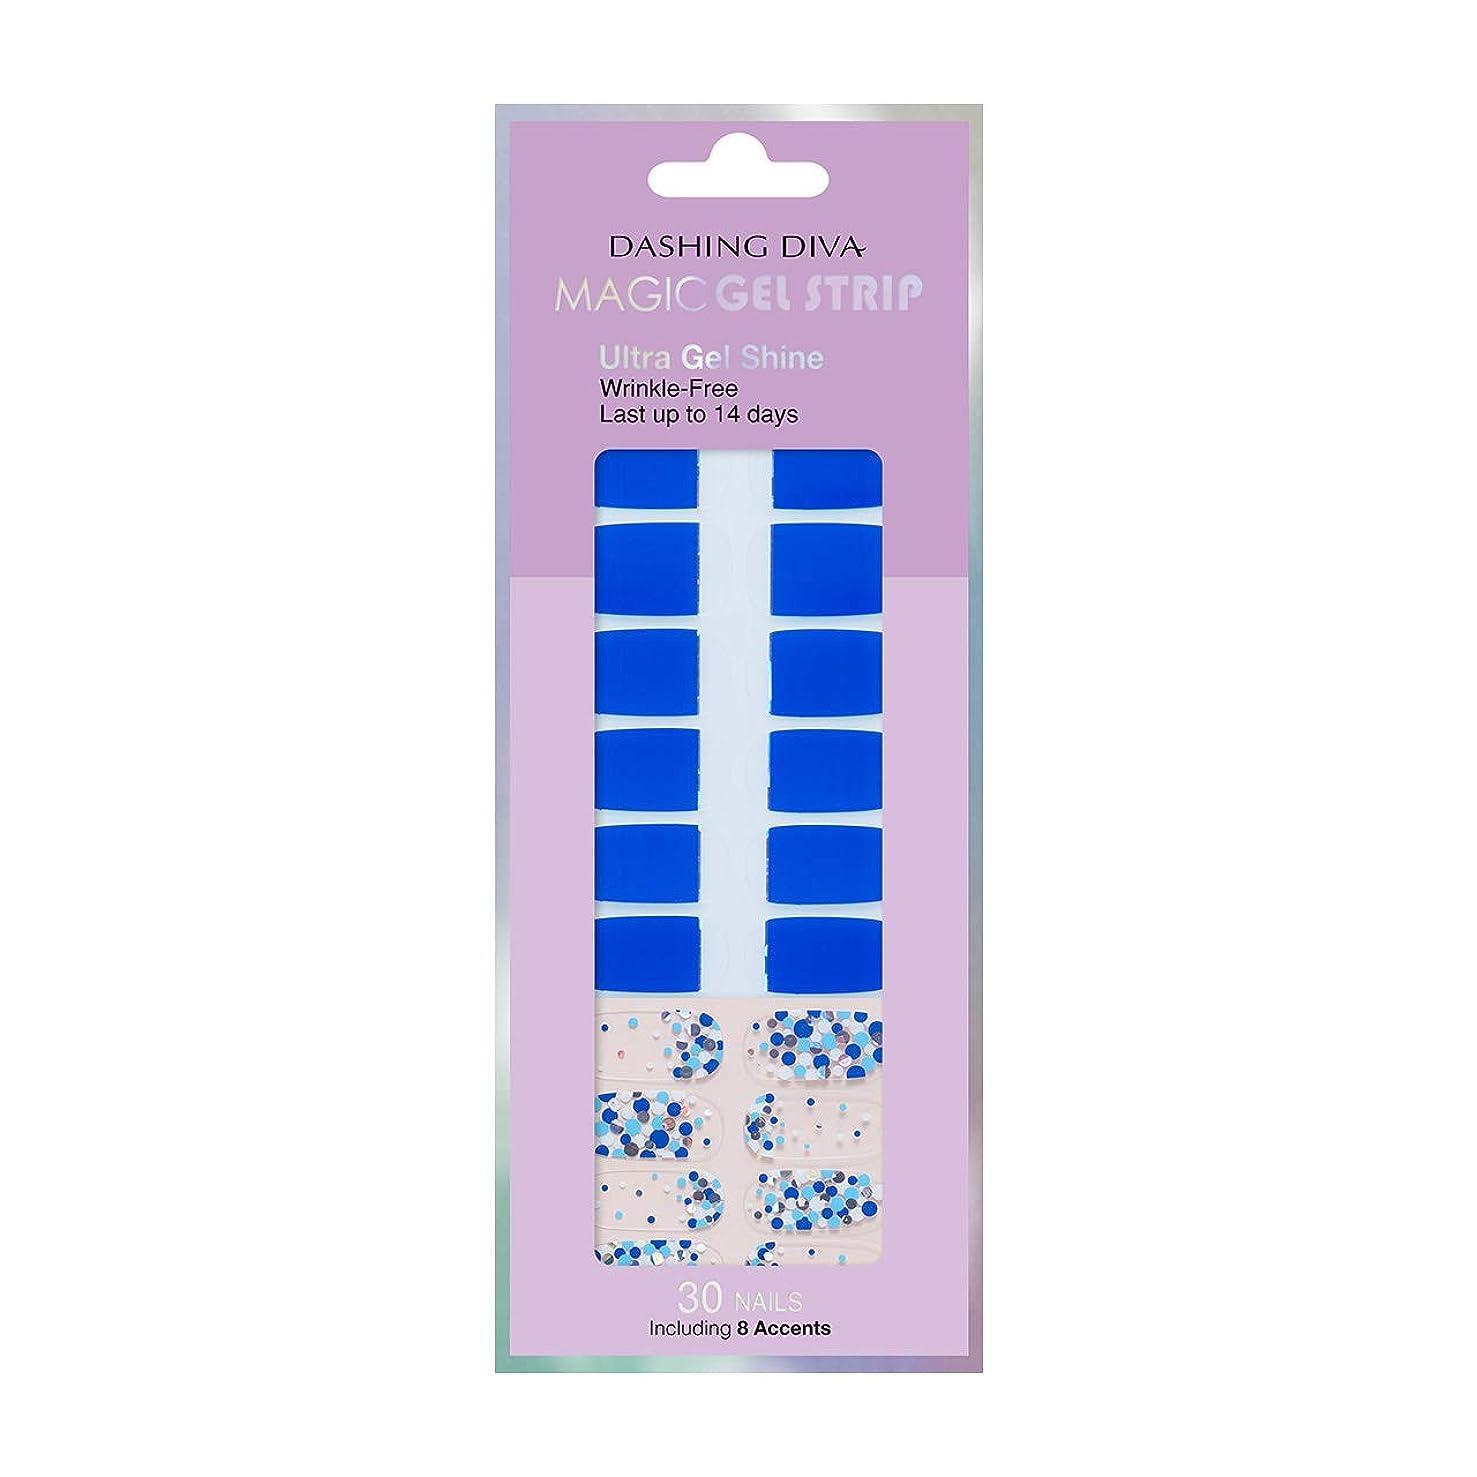 シロナガスクジラトレード成功ダッシングディバ マジックジェルストリップ DASHING DIVA Magic Gel Strip DGST70-DURY+ オリジナルジェル ネイルシール Candypop Blue